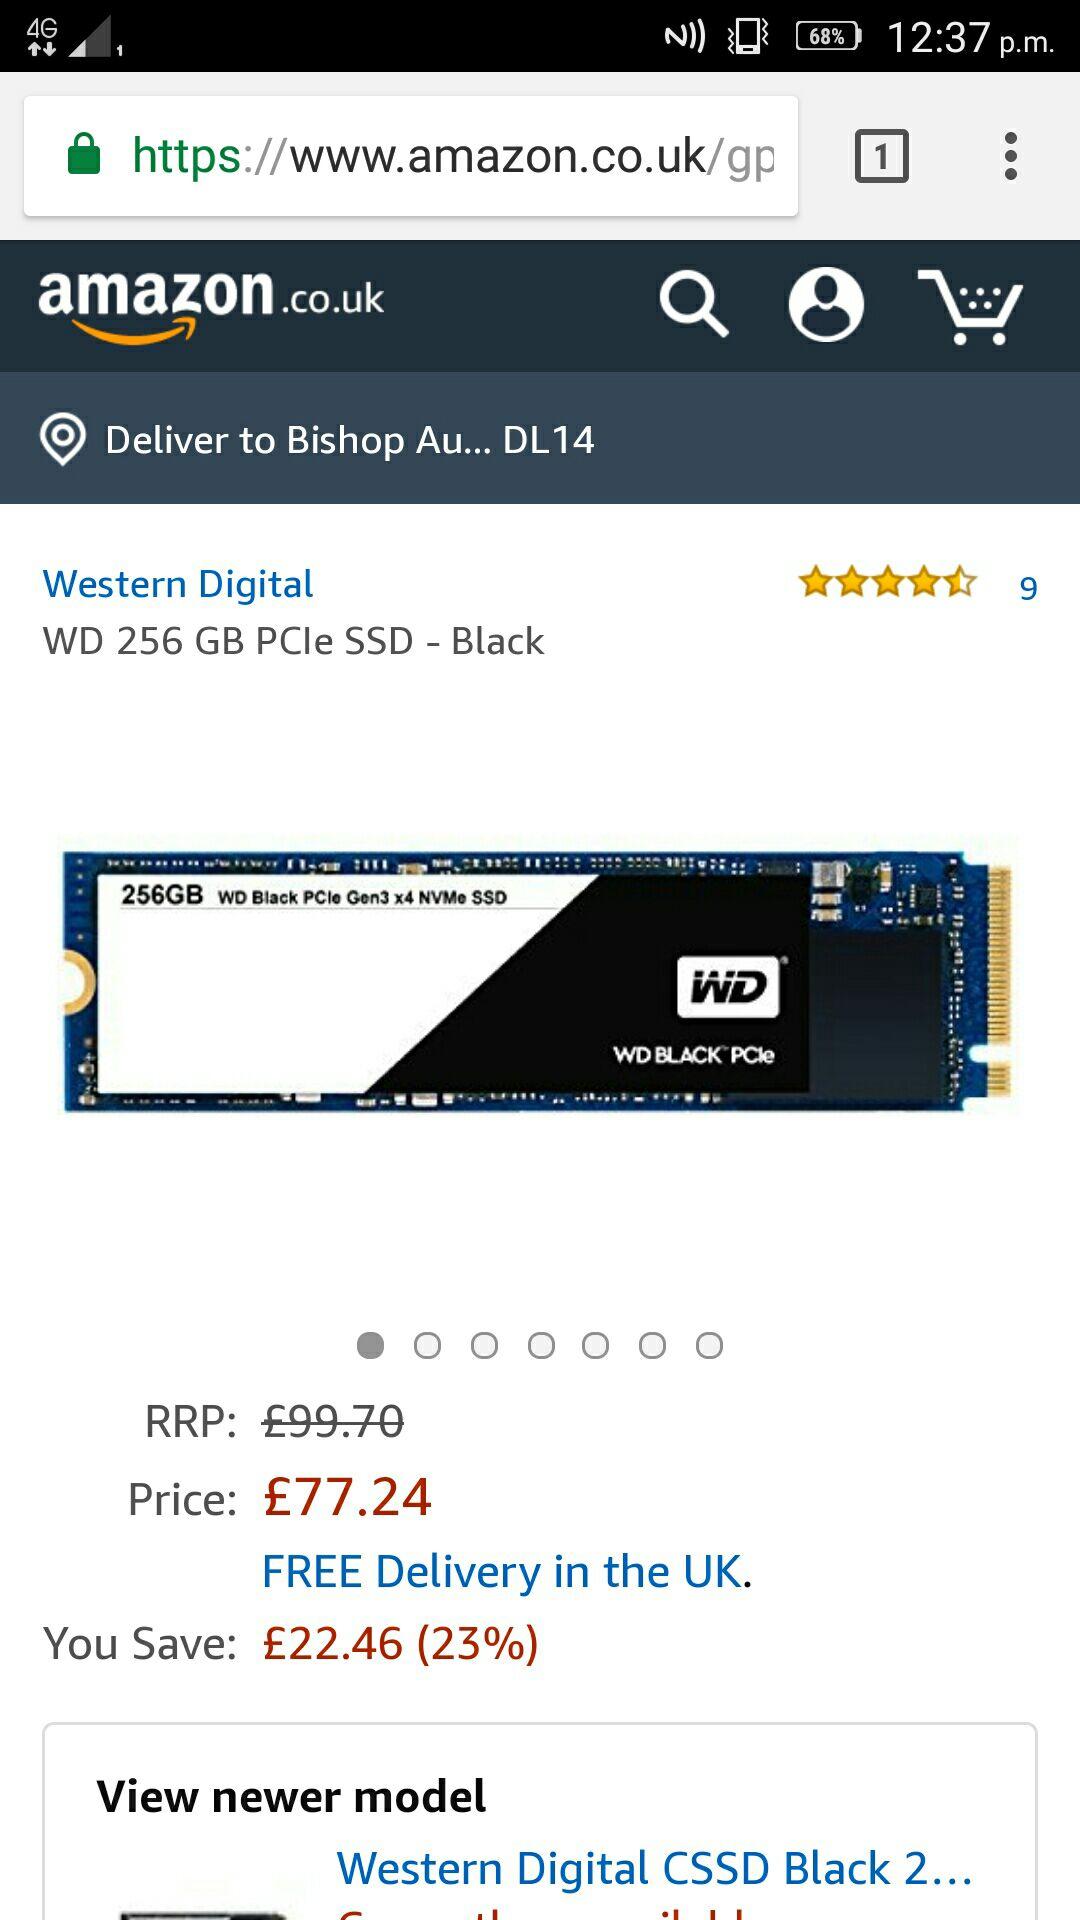 Western Digital 256GB M.2 SSD £71.99 @ Amazon